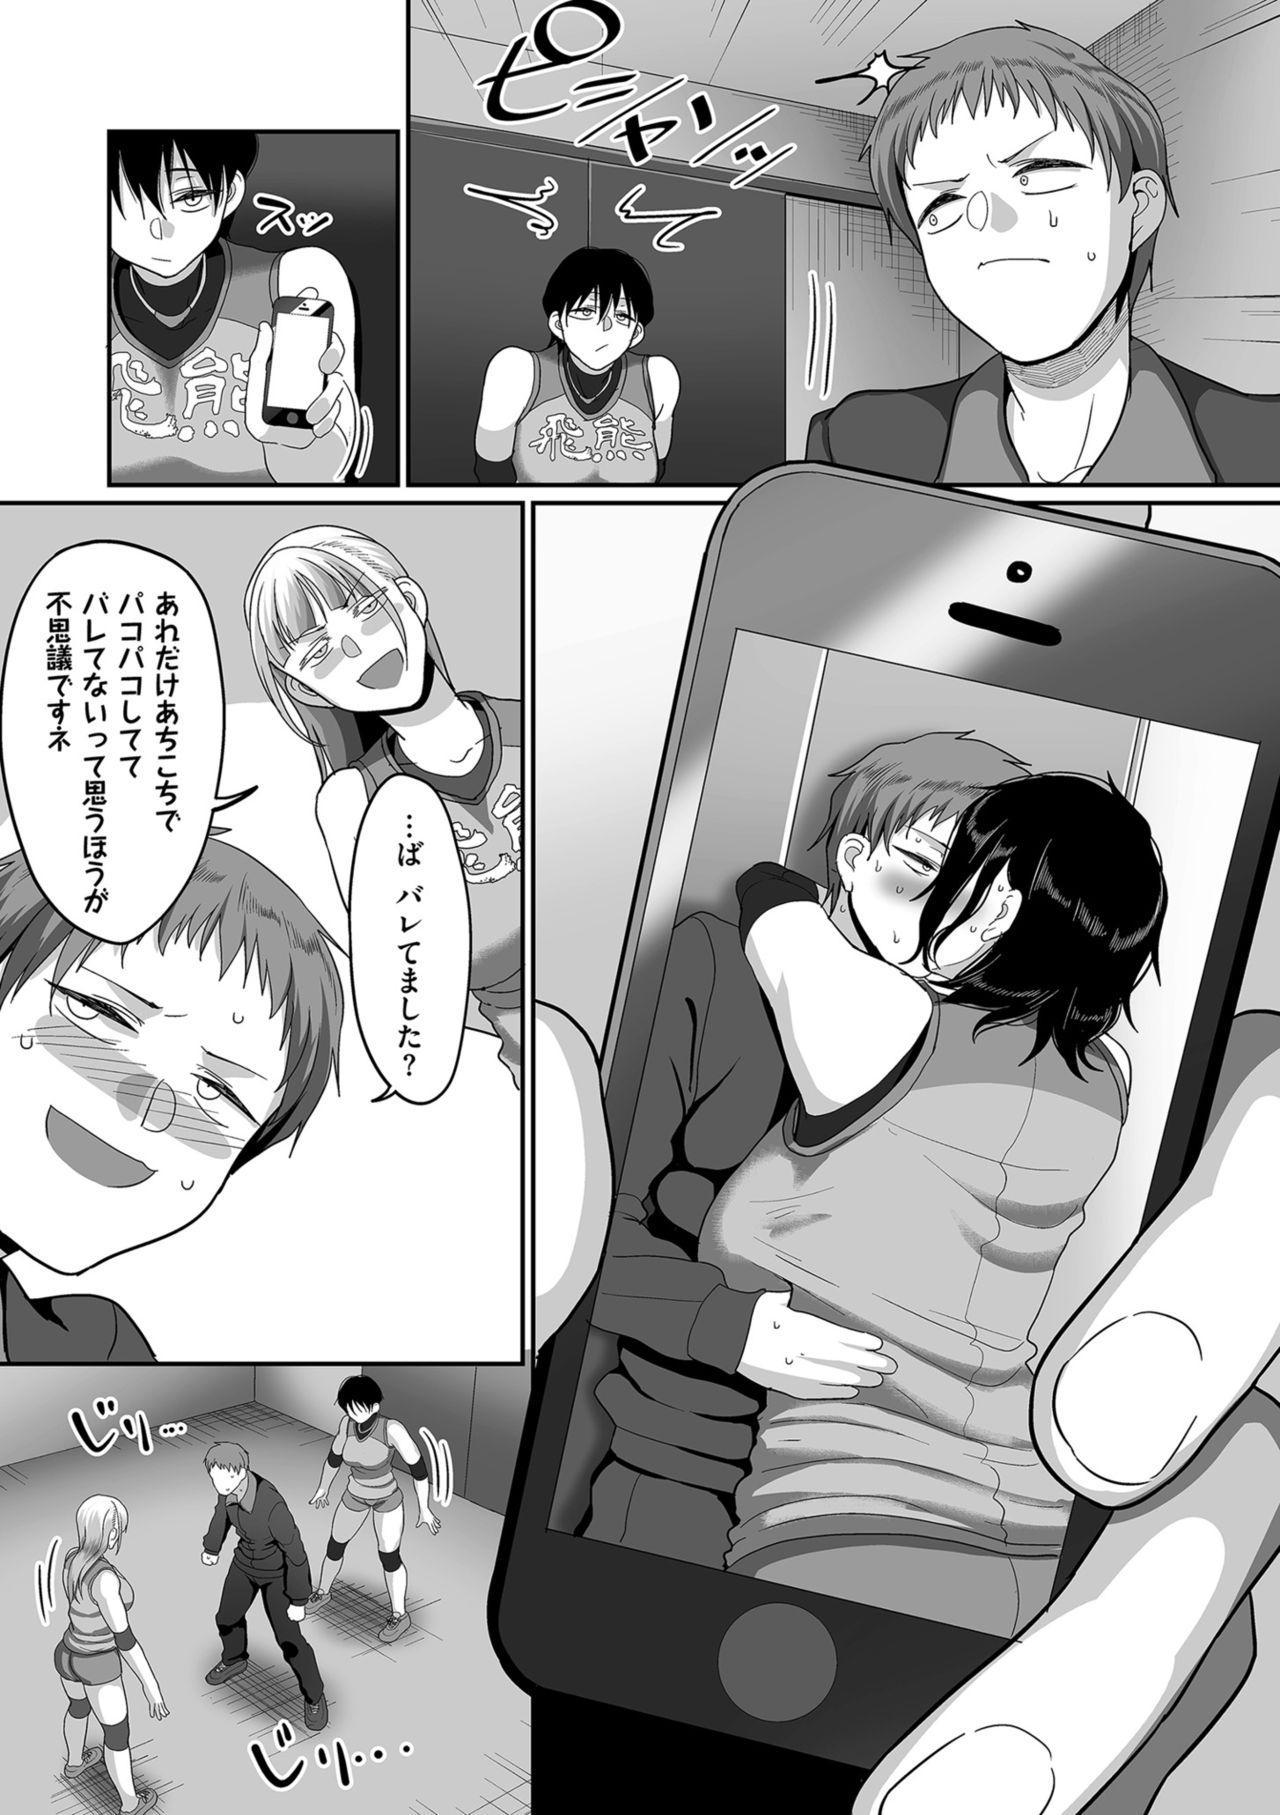 [Yamamoto Zenzen] S-ken K-shi Shakaijin Joshi Volleyball Circle no Jijou [Digital] 120